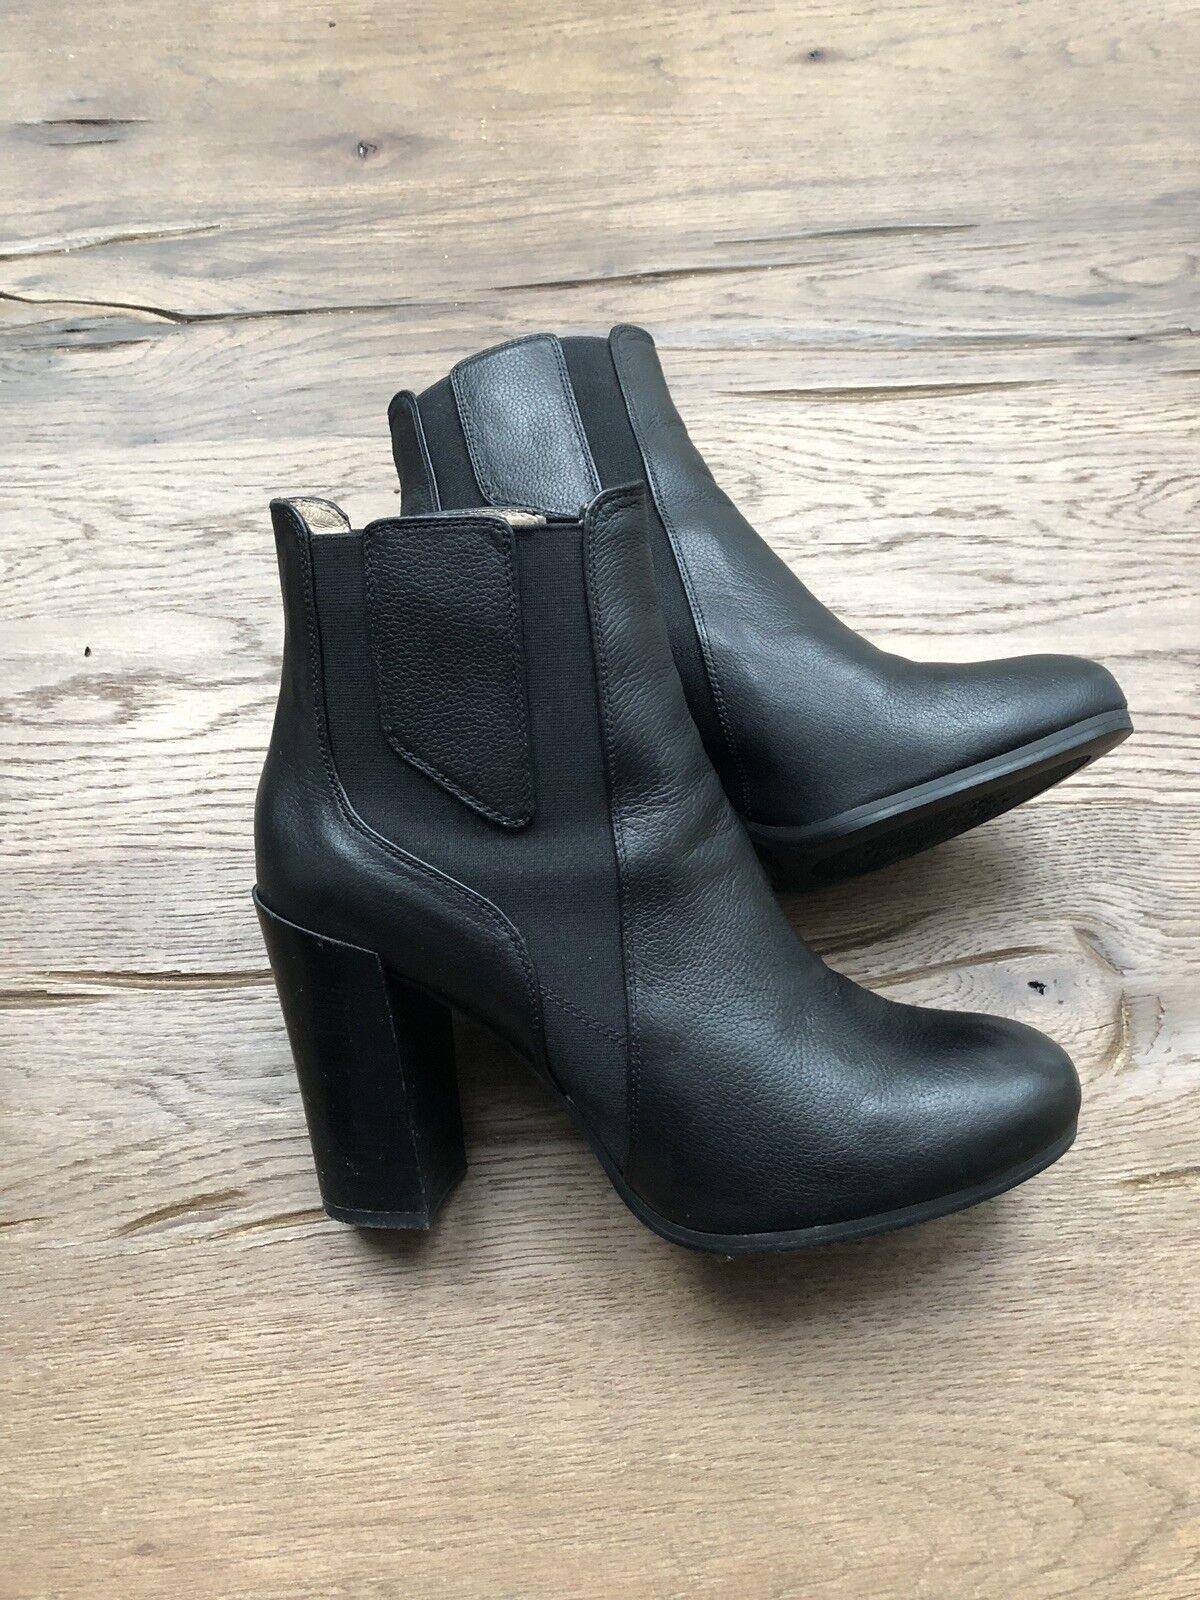 Unisa Damen Stiefeletten Gr. 40 Leder Stiefel,Guter Stiefel,Guter Leder Zustand Schwarz ad808c